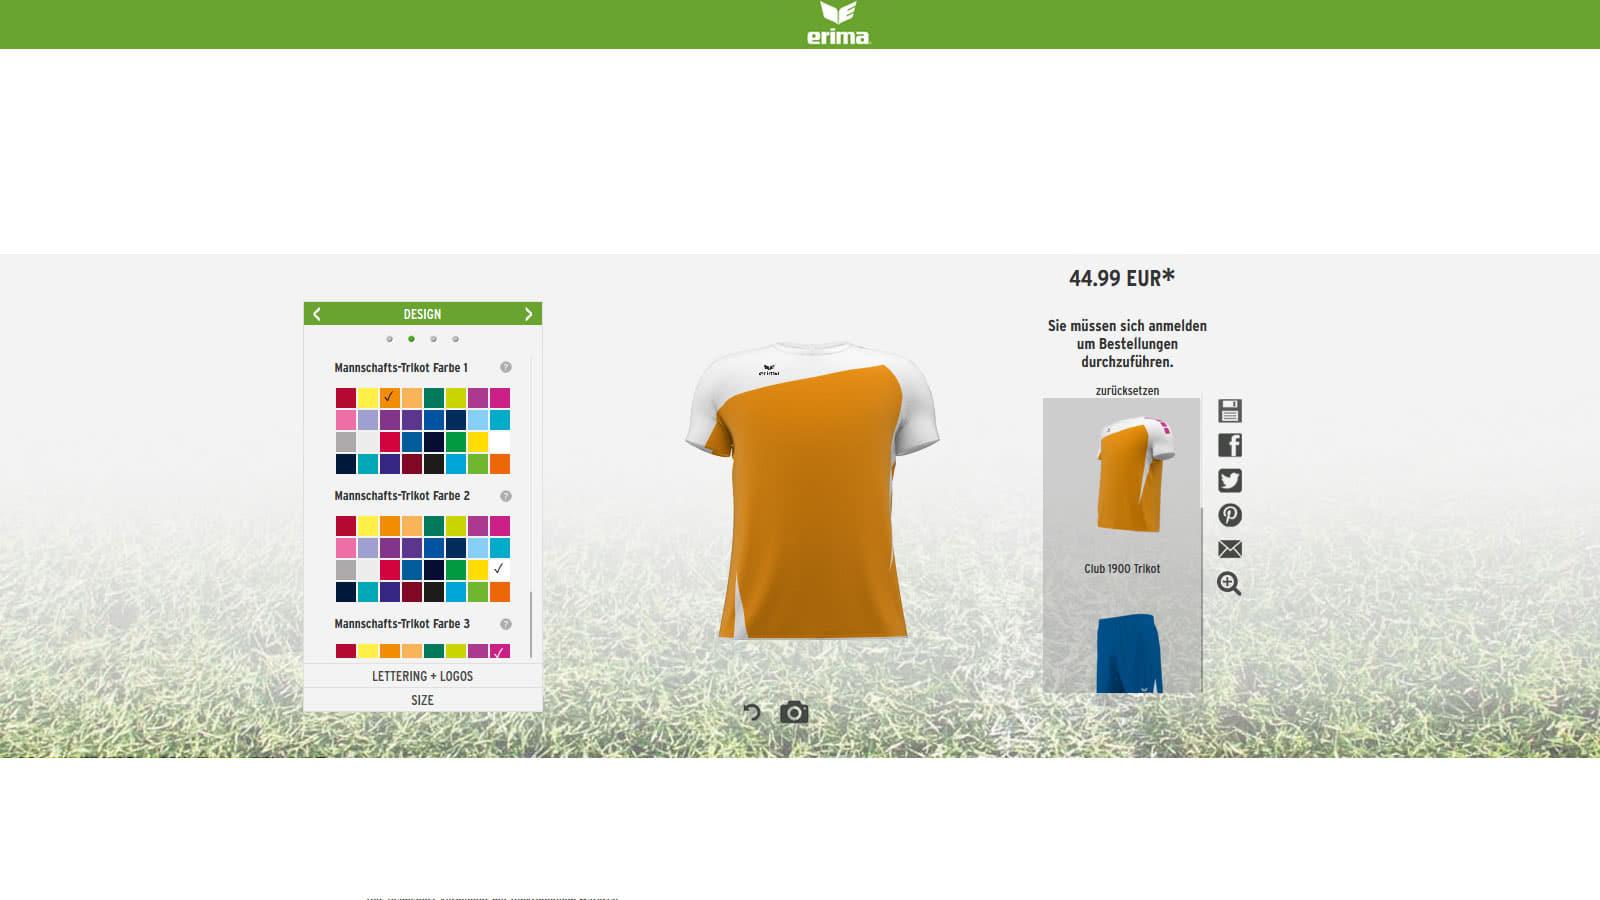 myerima.de - trikotsatz konfiguration und bestellung bei sport